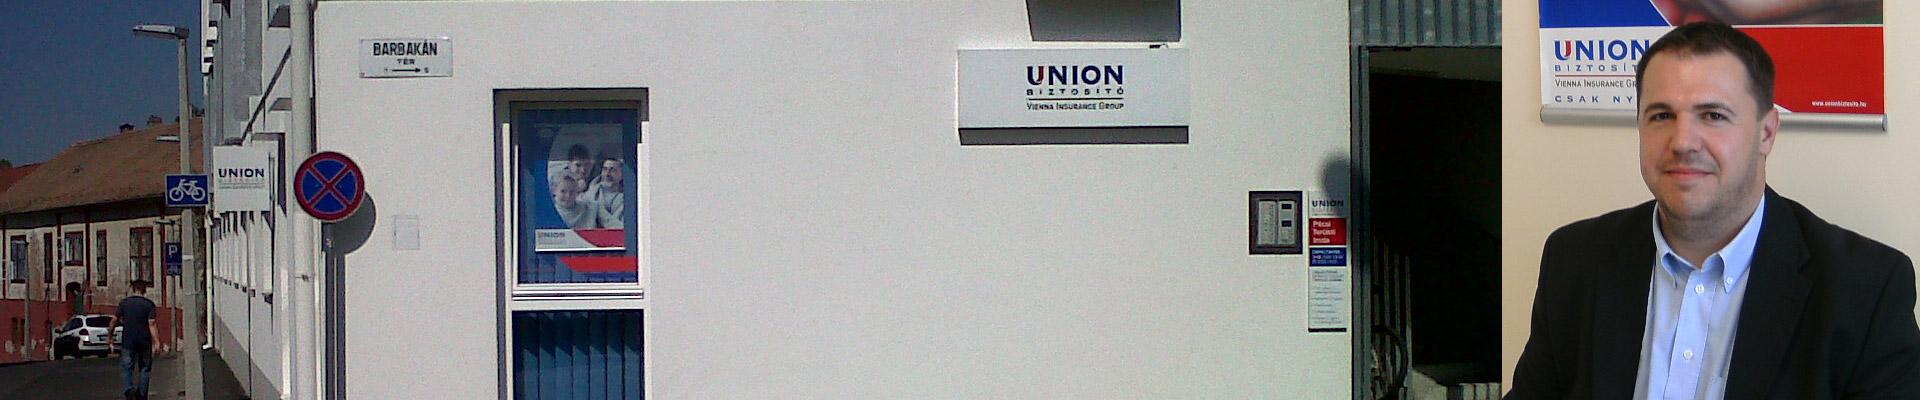 UNION V.I.G Biztosító Zrt Pécs - szerződött partnere